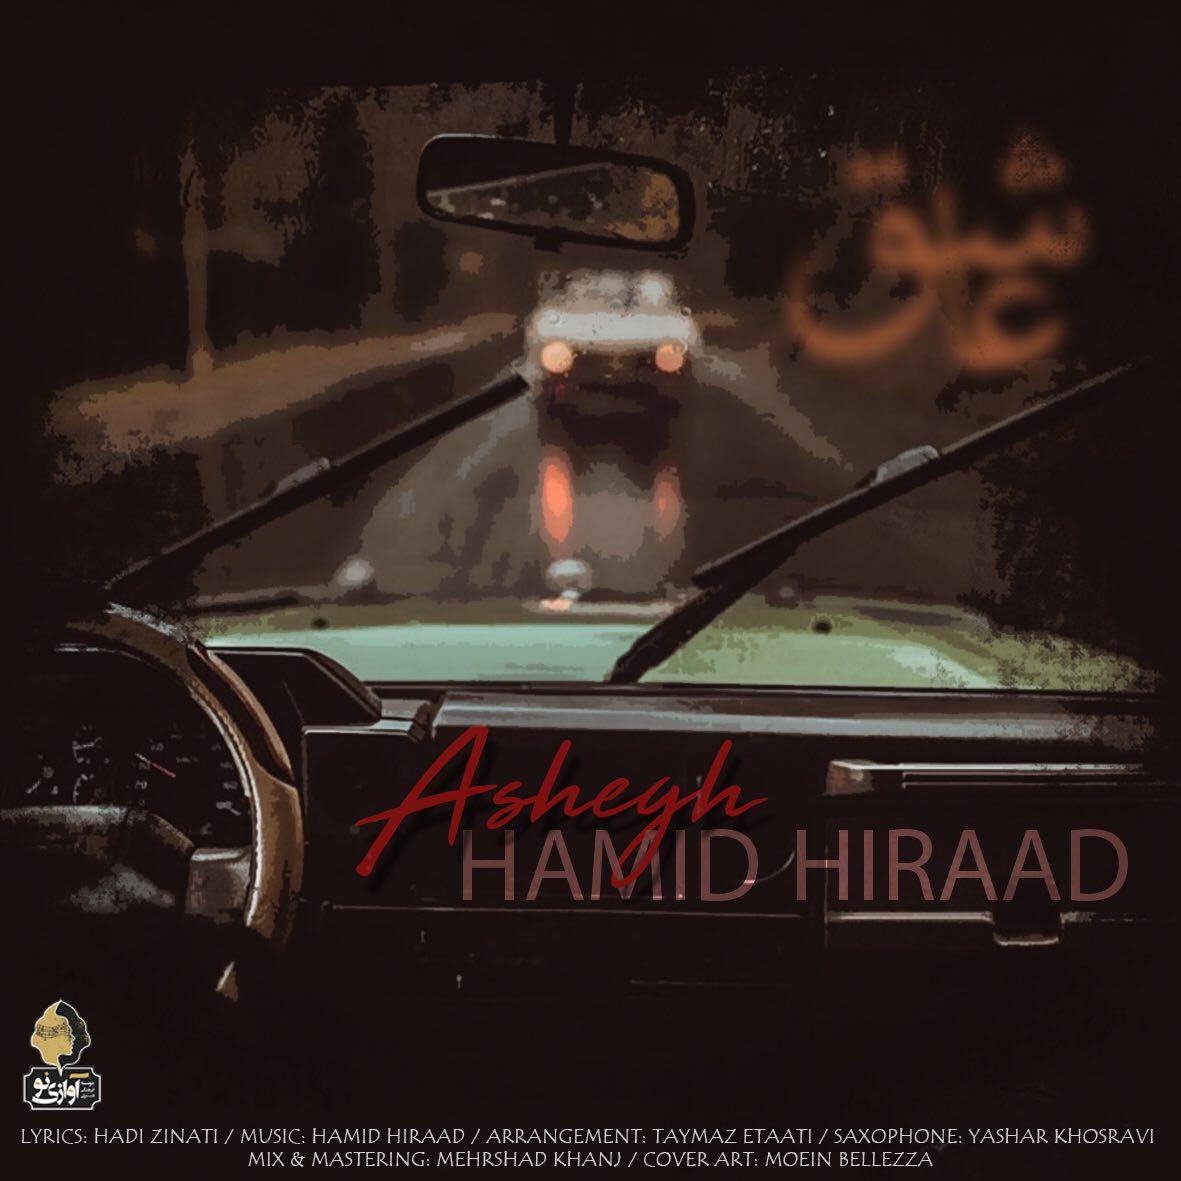 Hamid Hiraad – Ashegh